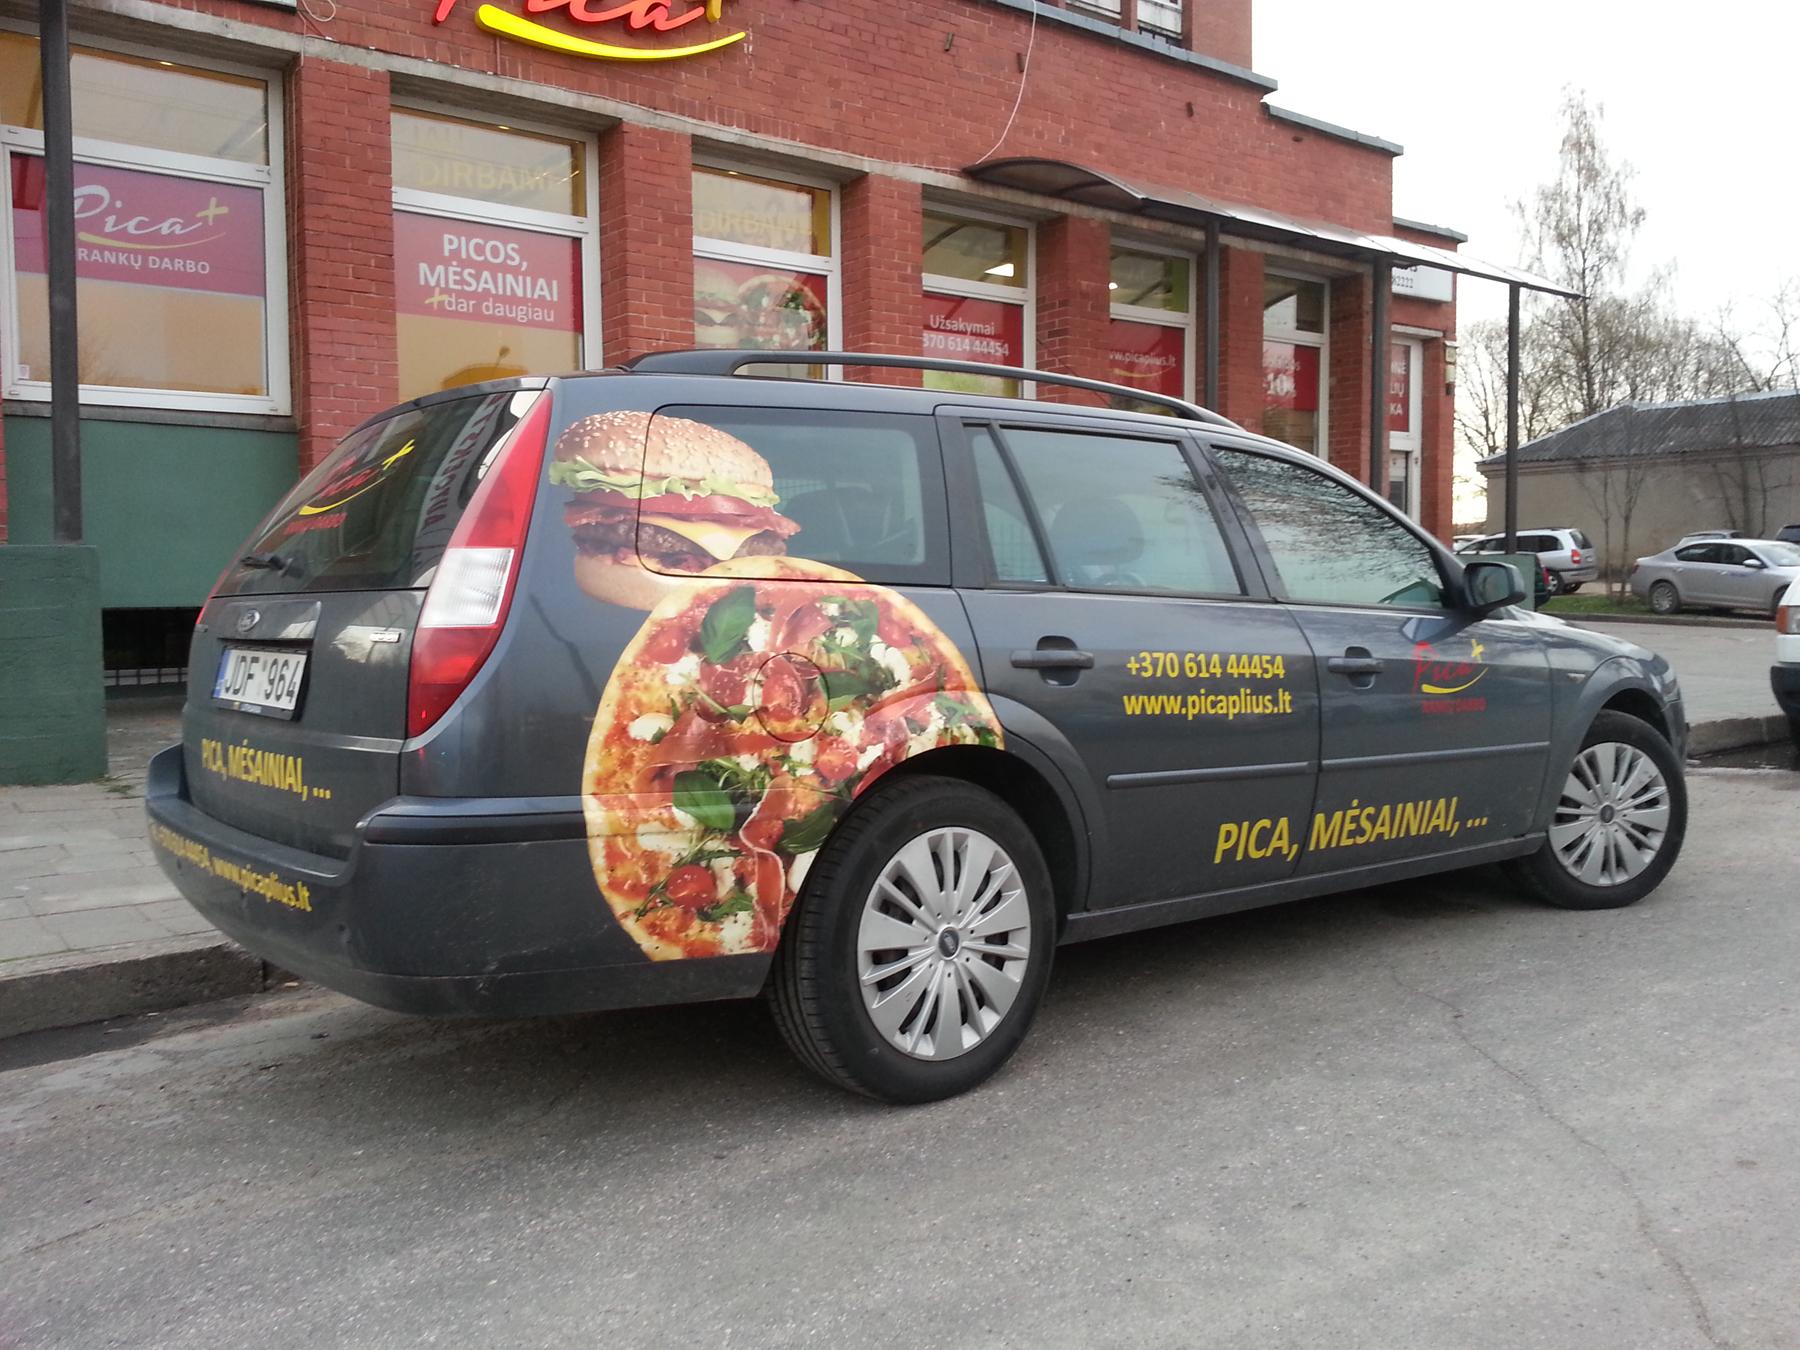 Automobilio reklaminis apklijavimas apipavidalinimas-reklama-fotoplakatais-tekstai-logotipai